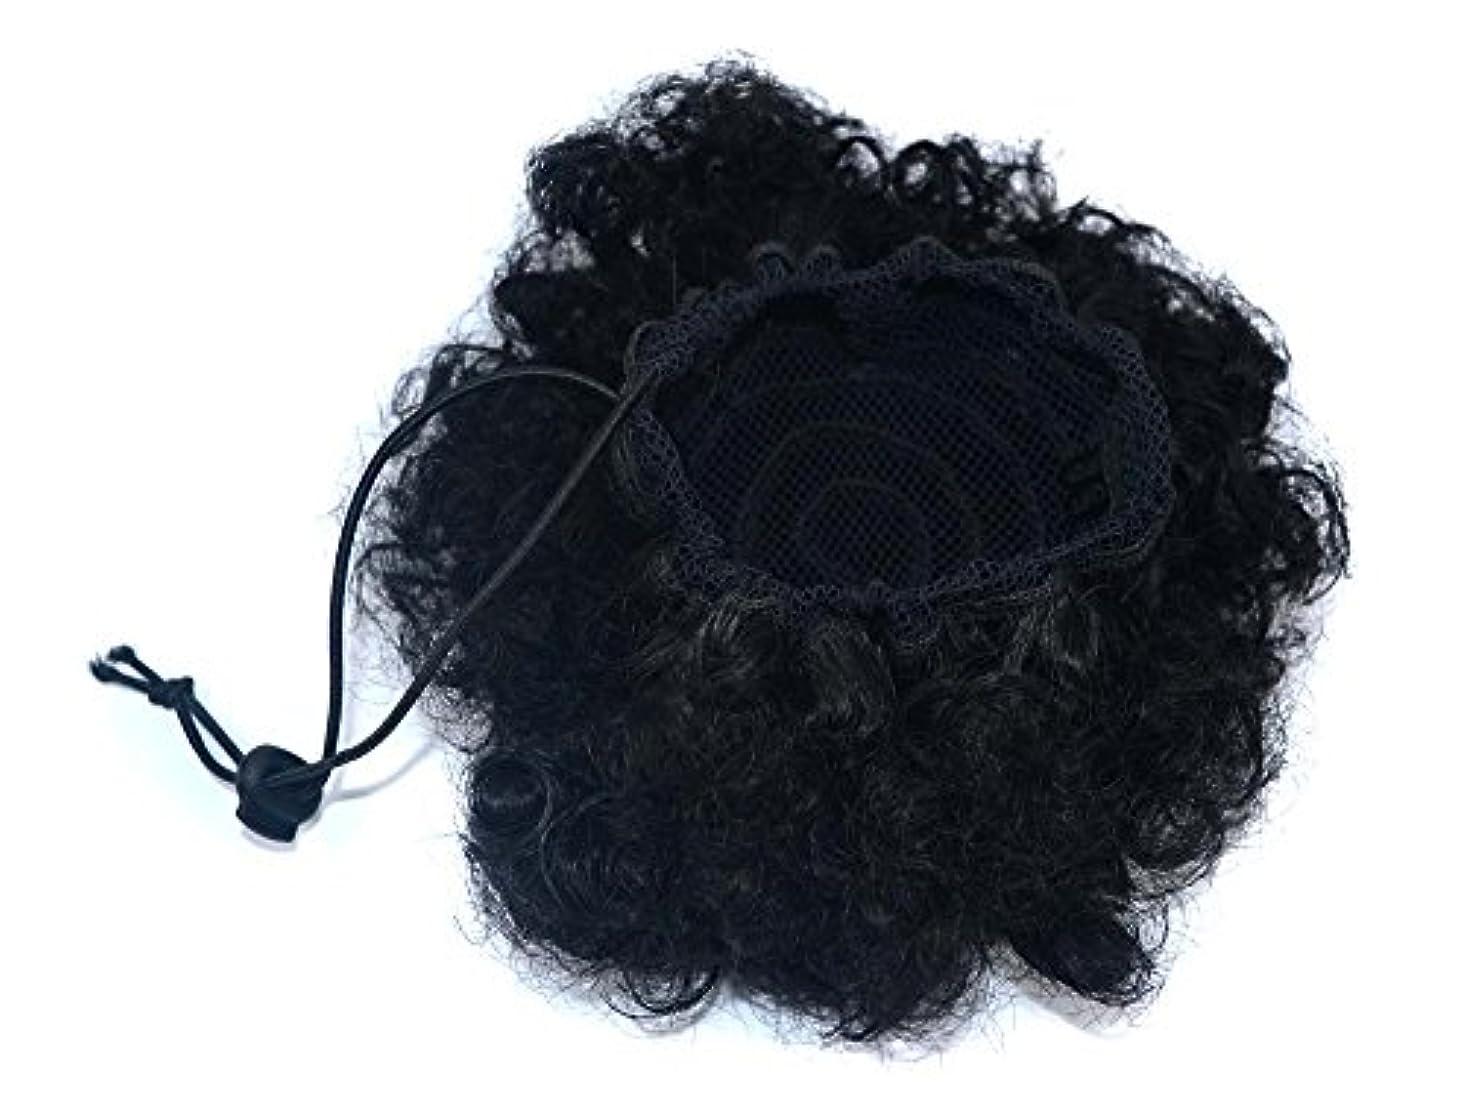 トンコントロール絶壁YOUQIU 女性おだんごヘア用サイズの選択ウィッグ?ピースのカーリーヘアウィッグキャタピラーの爆発的なヘッドふわふわおだんごヘアエクステンション (色 : Black(s))